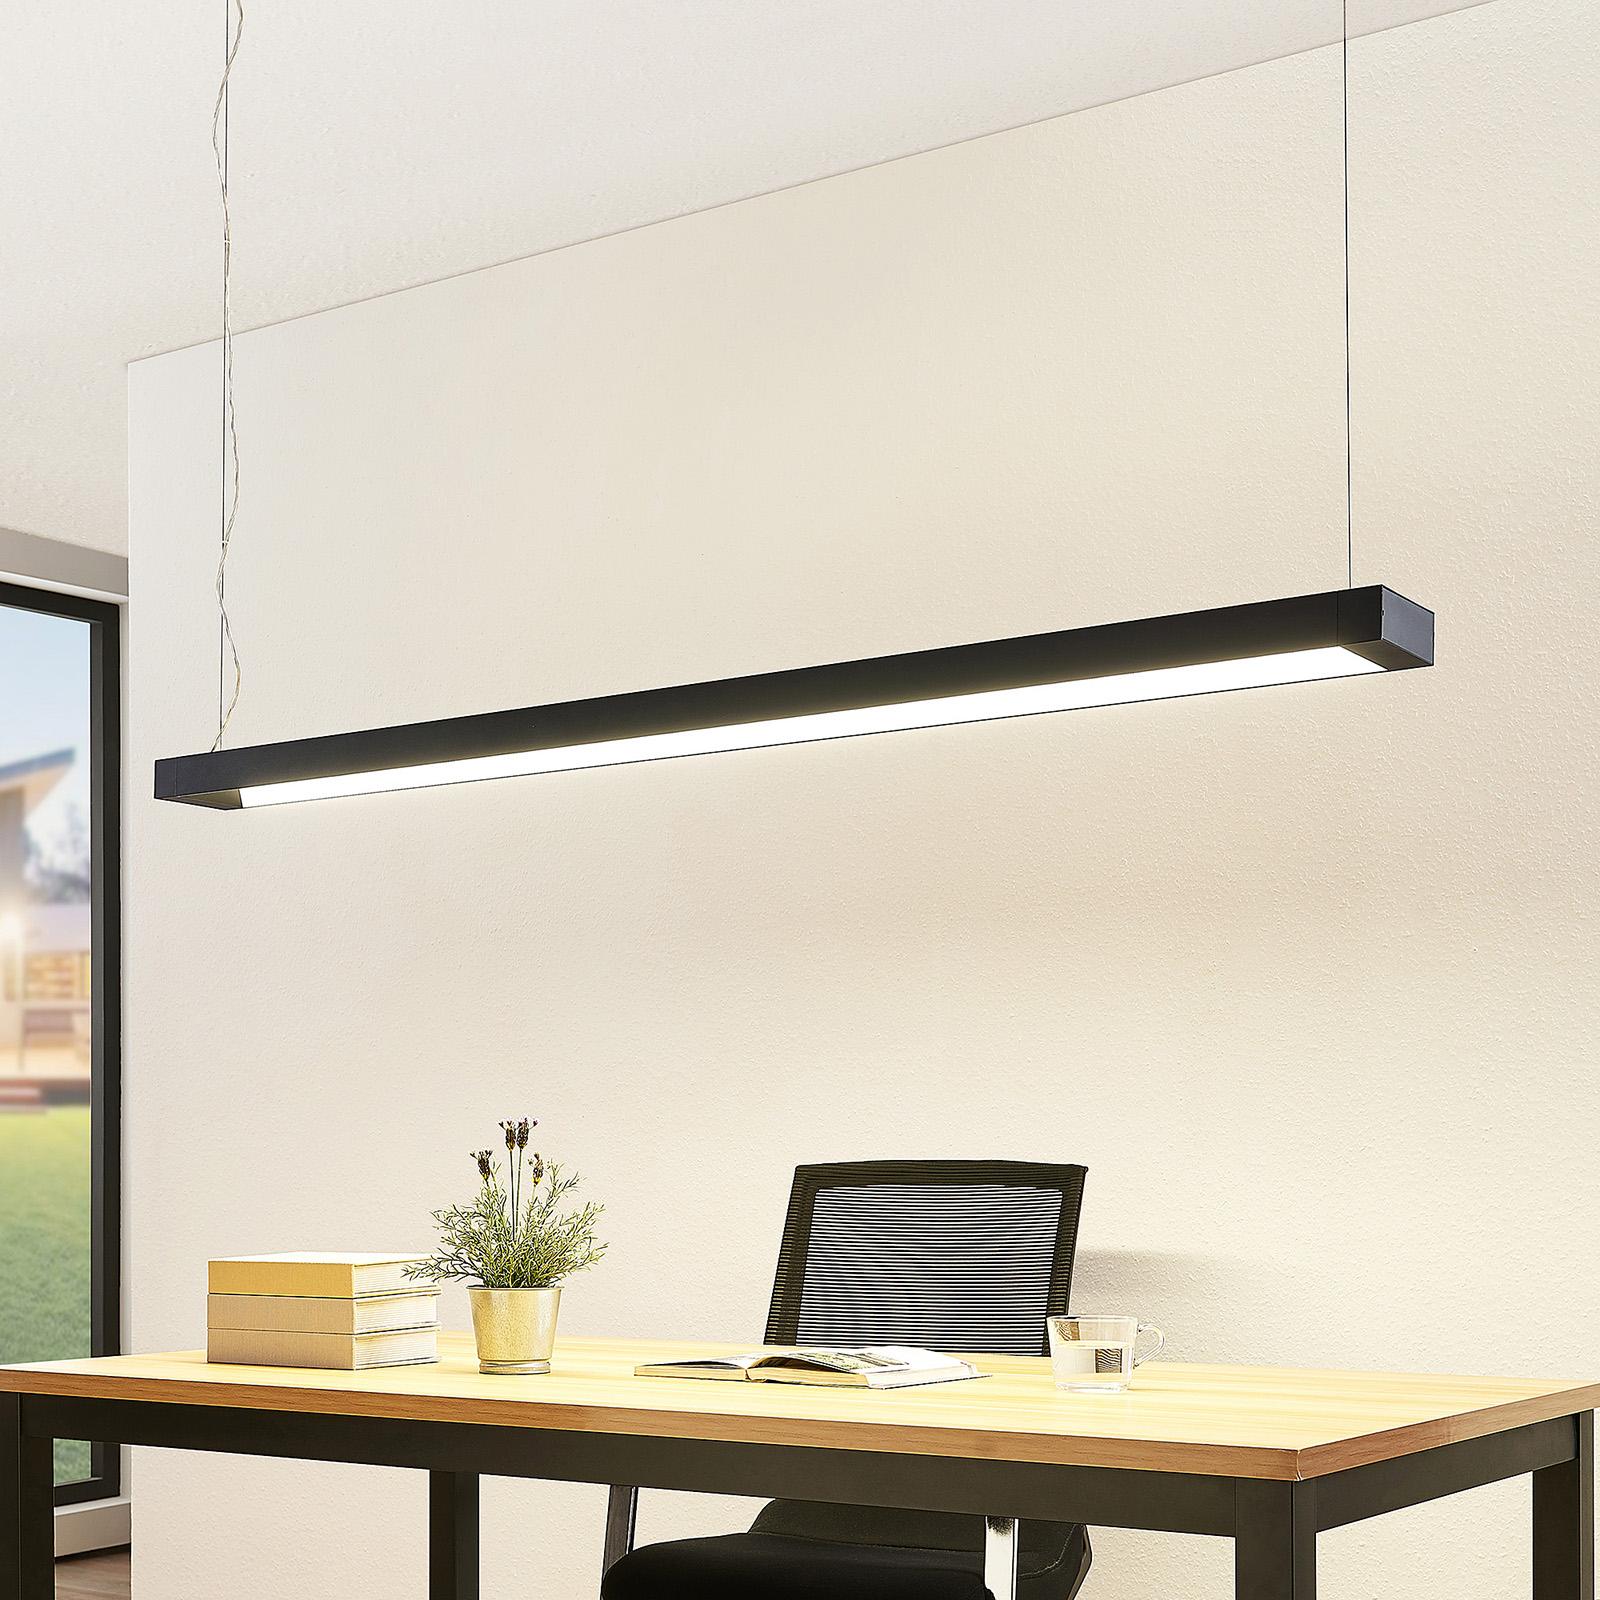 Arcchio Cuna -LED-riippuvalaisin, musta, 162 cm